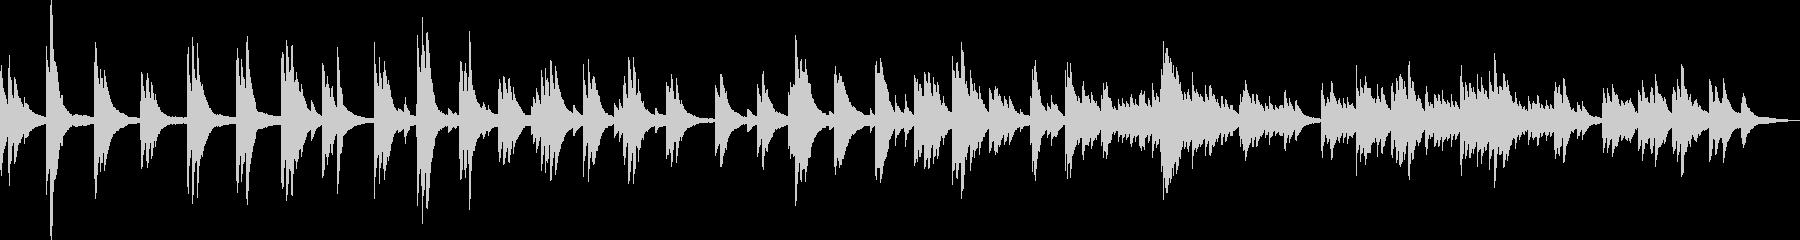 Regret (piano solo, ballad, sad)'s unreproduced waveform